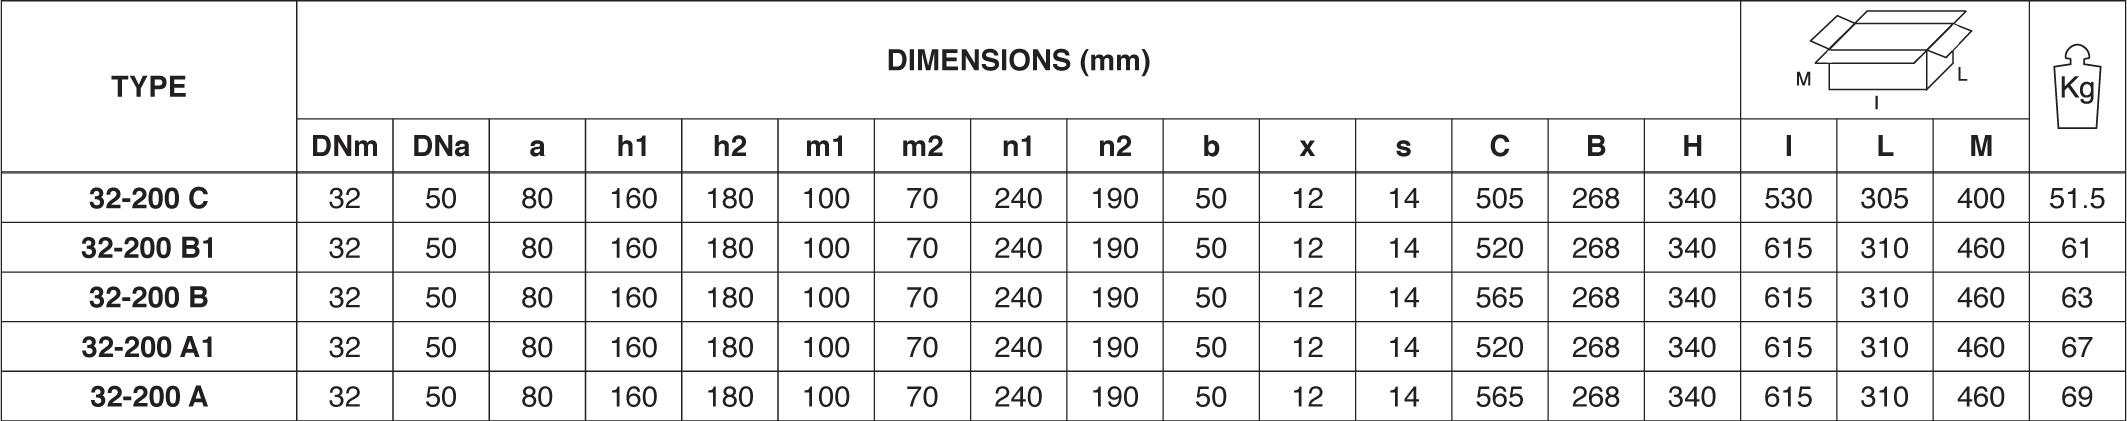 Máy bơm nước Pentax 32-200 Chi tiết kích thước